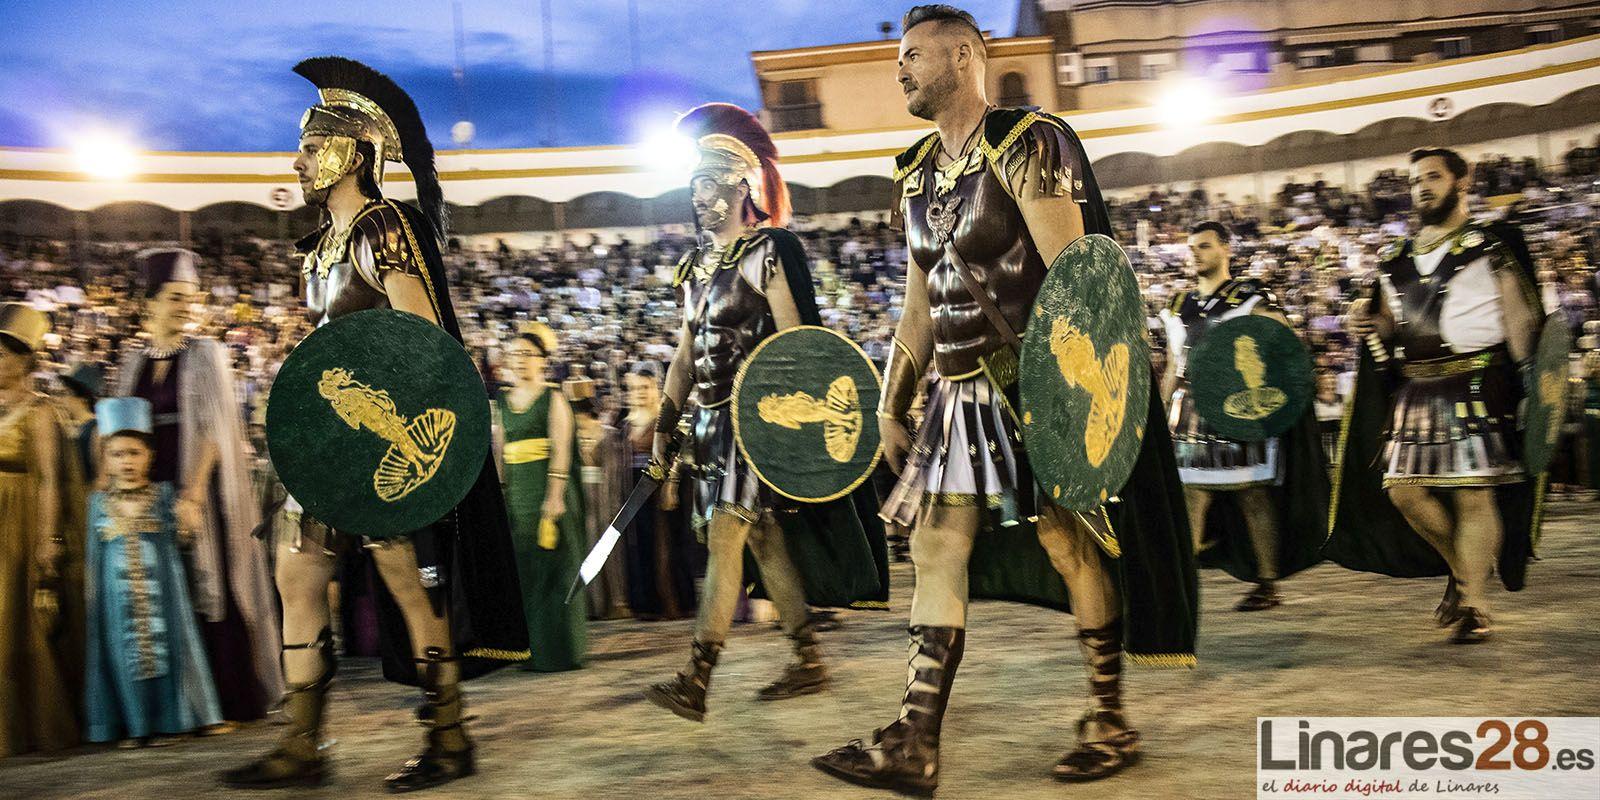 VÍDEO DE 360º | Desfile en el 'Circo Romano' de Linares